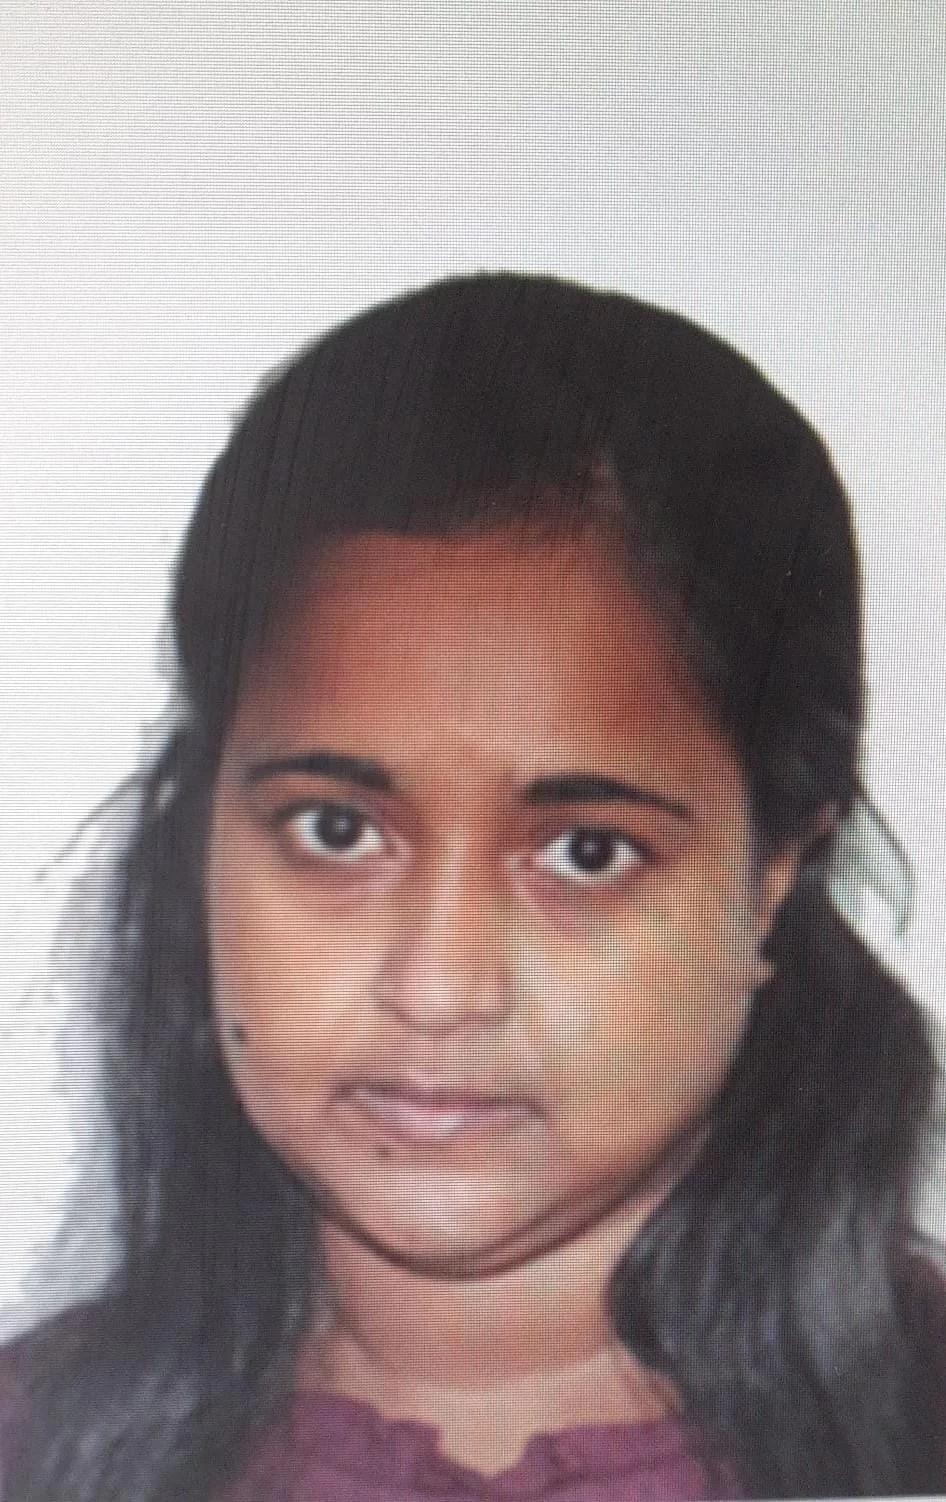 Menajeră din Sri Lanka a dispărut în comuna Târgșoru Vechi